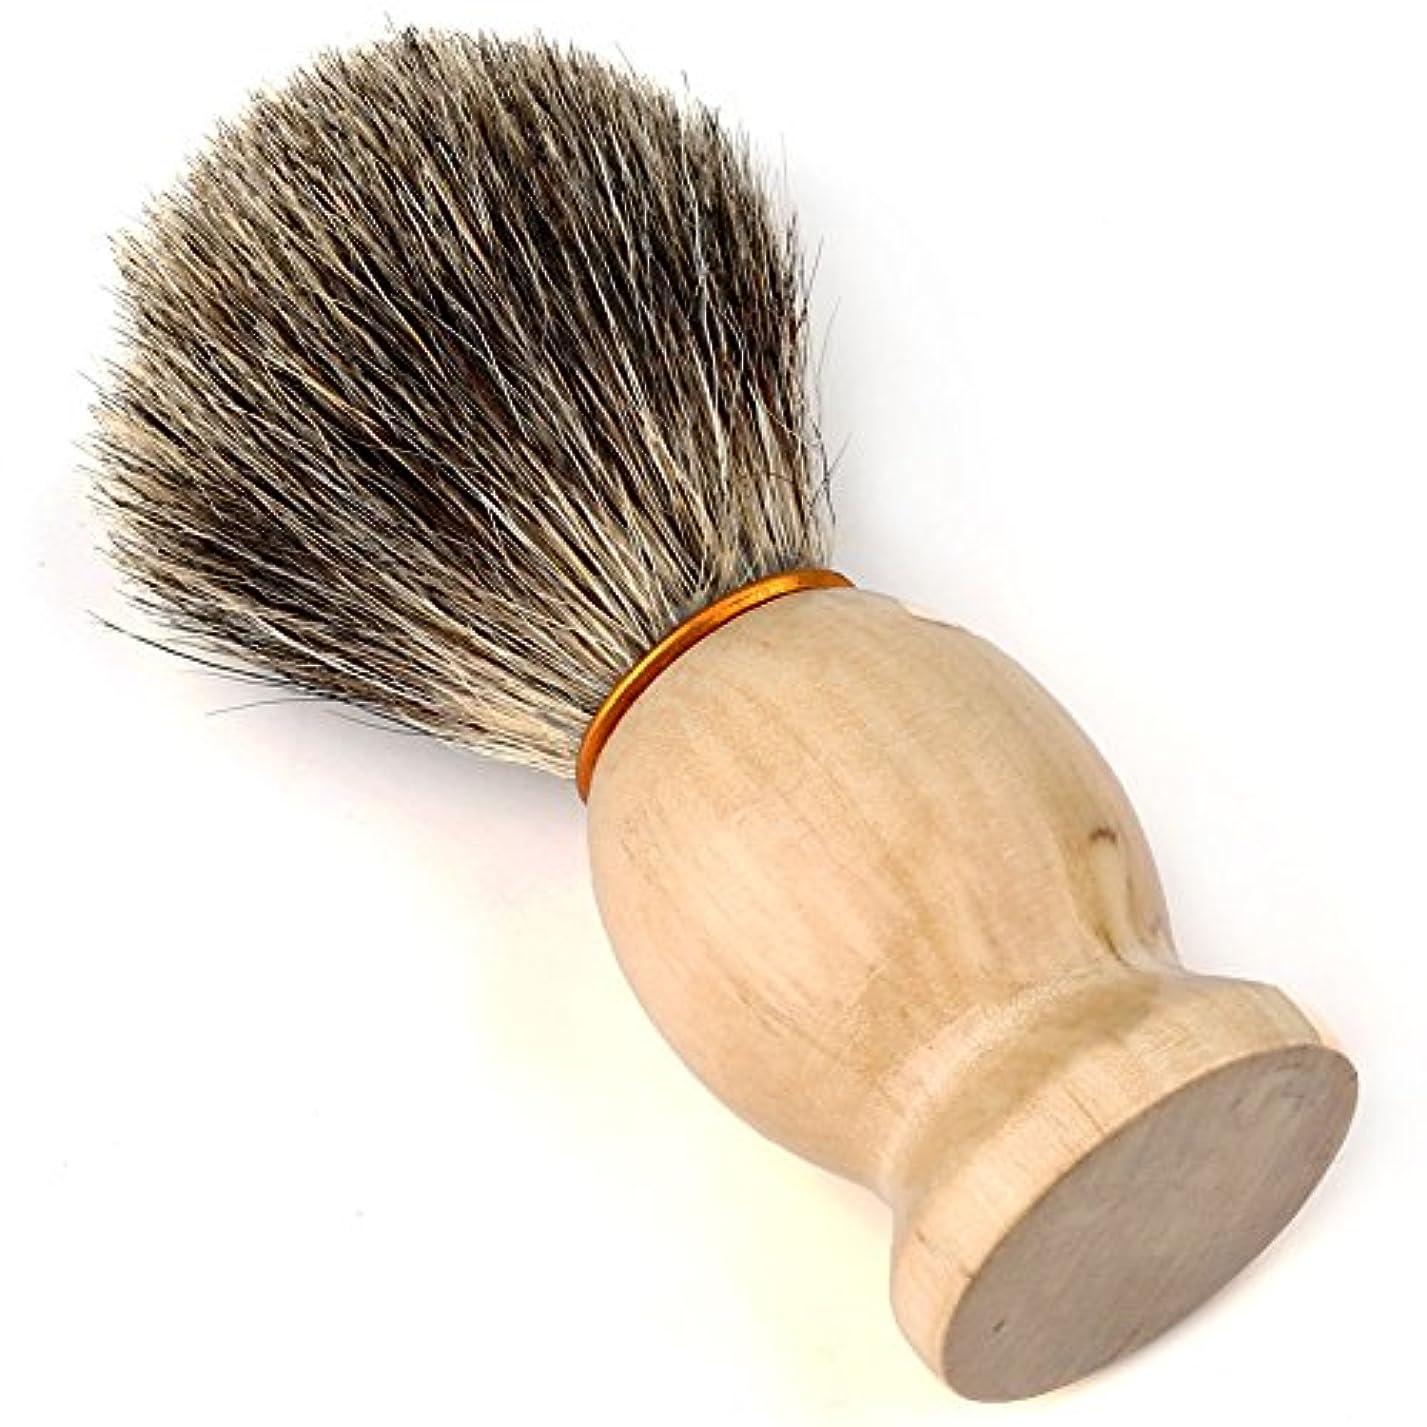 ロマンスクローン自動Easy Raku®ひげブラシ シェービングブラシ アナグマ毛 髭剃り 泡立ち メンズ シェービングブラシ(ブラシだけ)